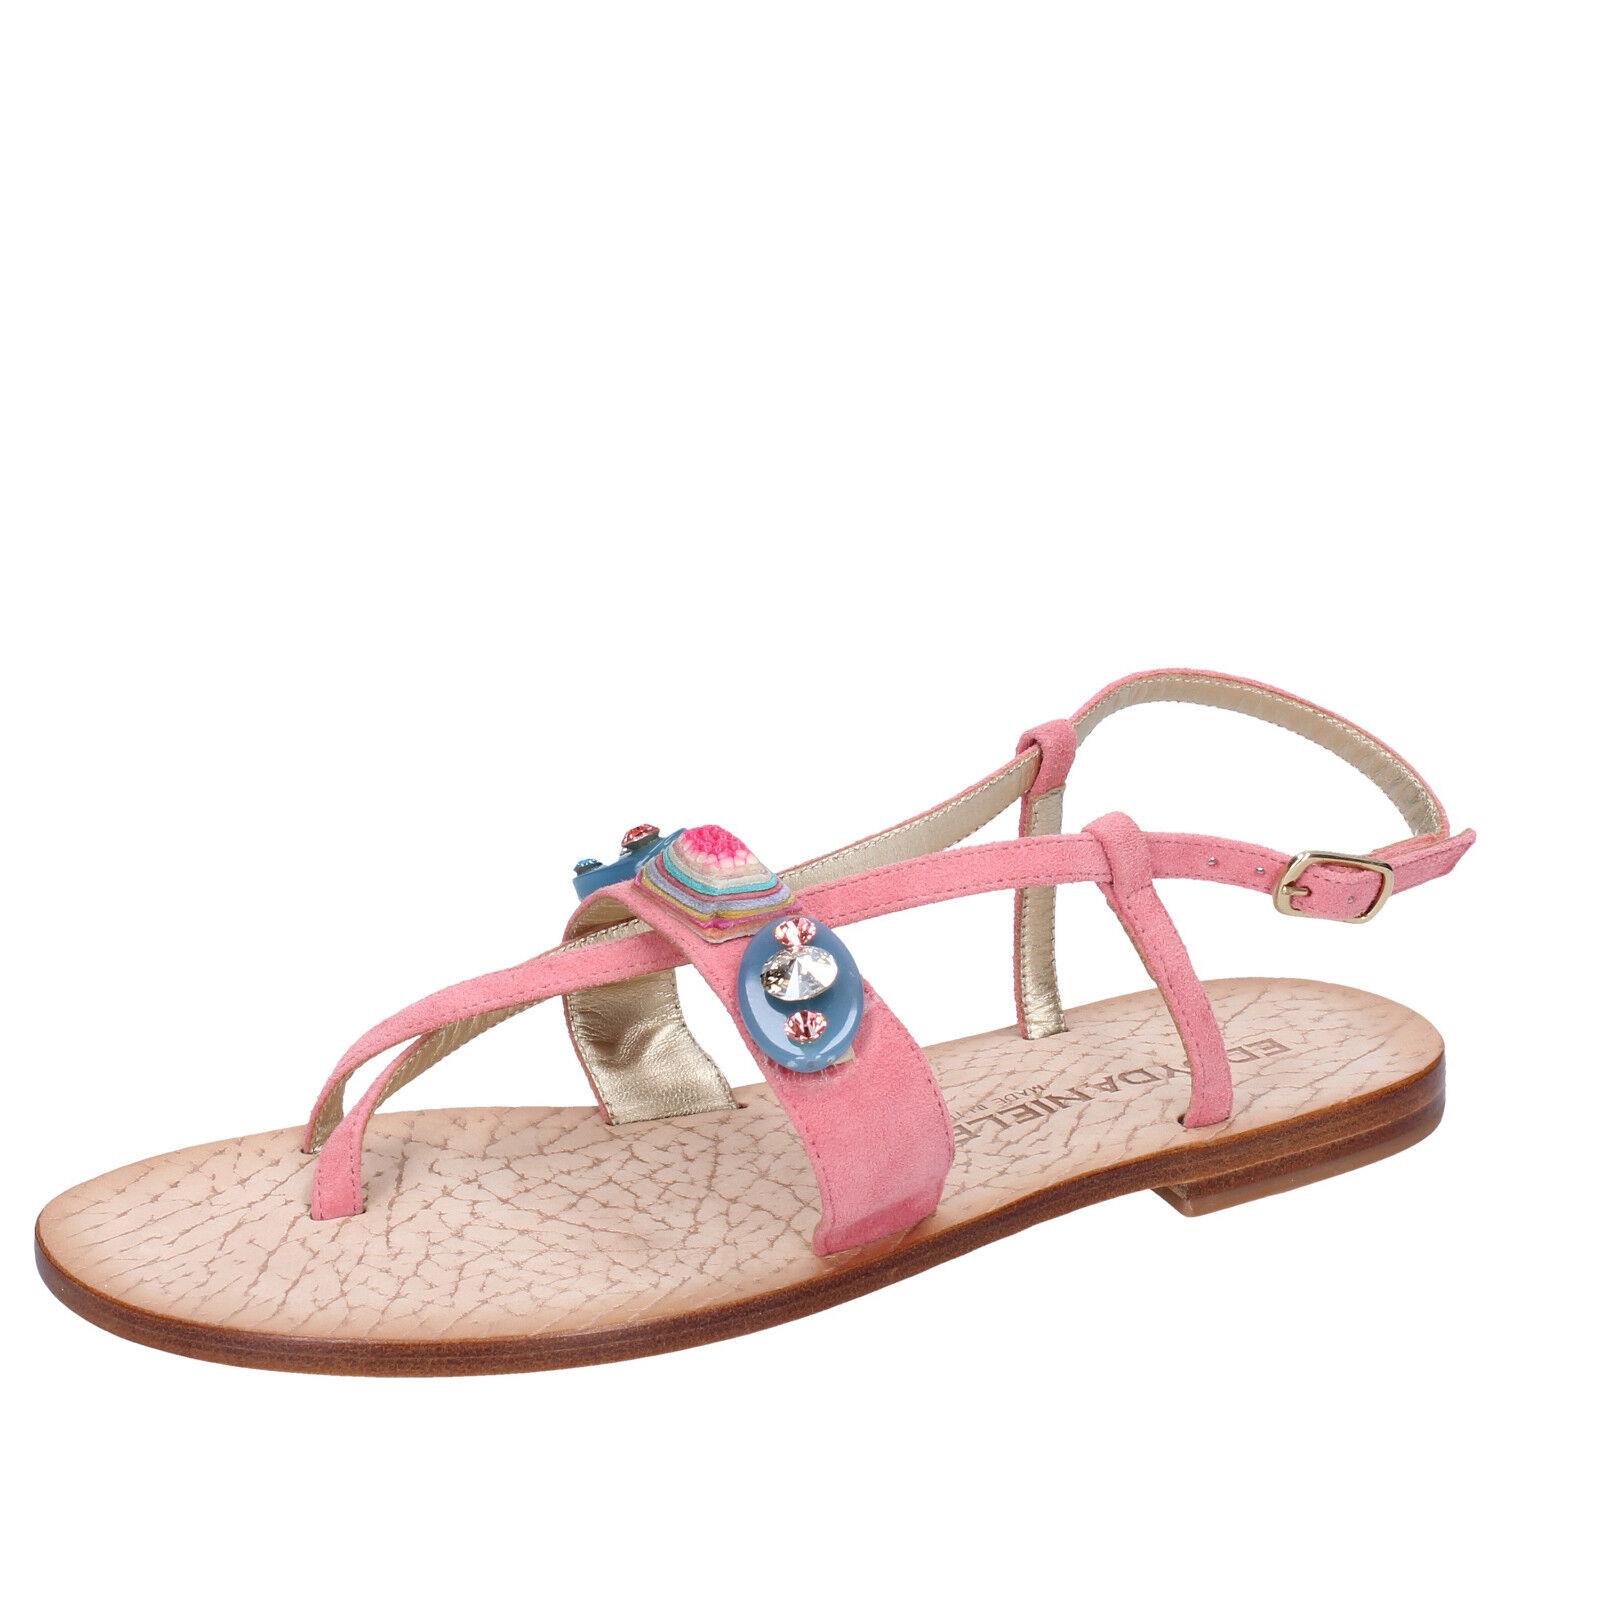 Women's shoes EDDY DANIELE 7 (EU 37) sandals pink suede swarovski AW199-37